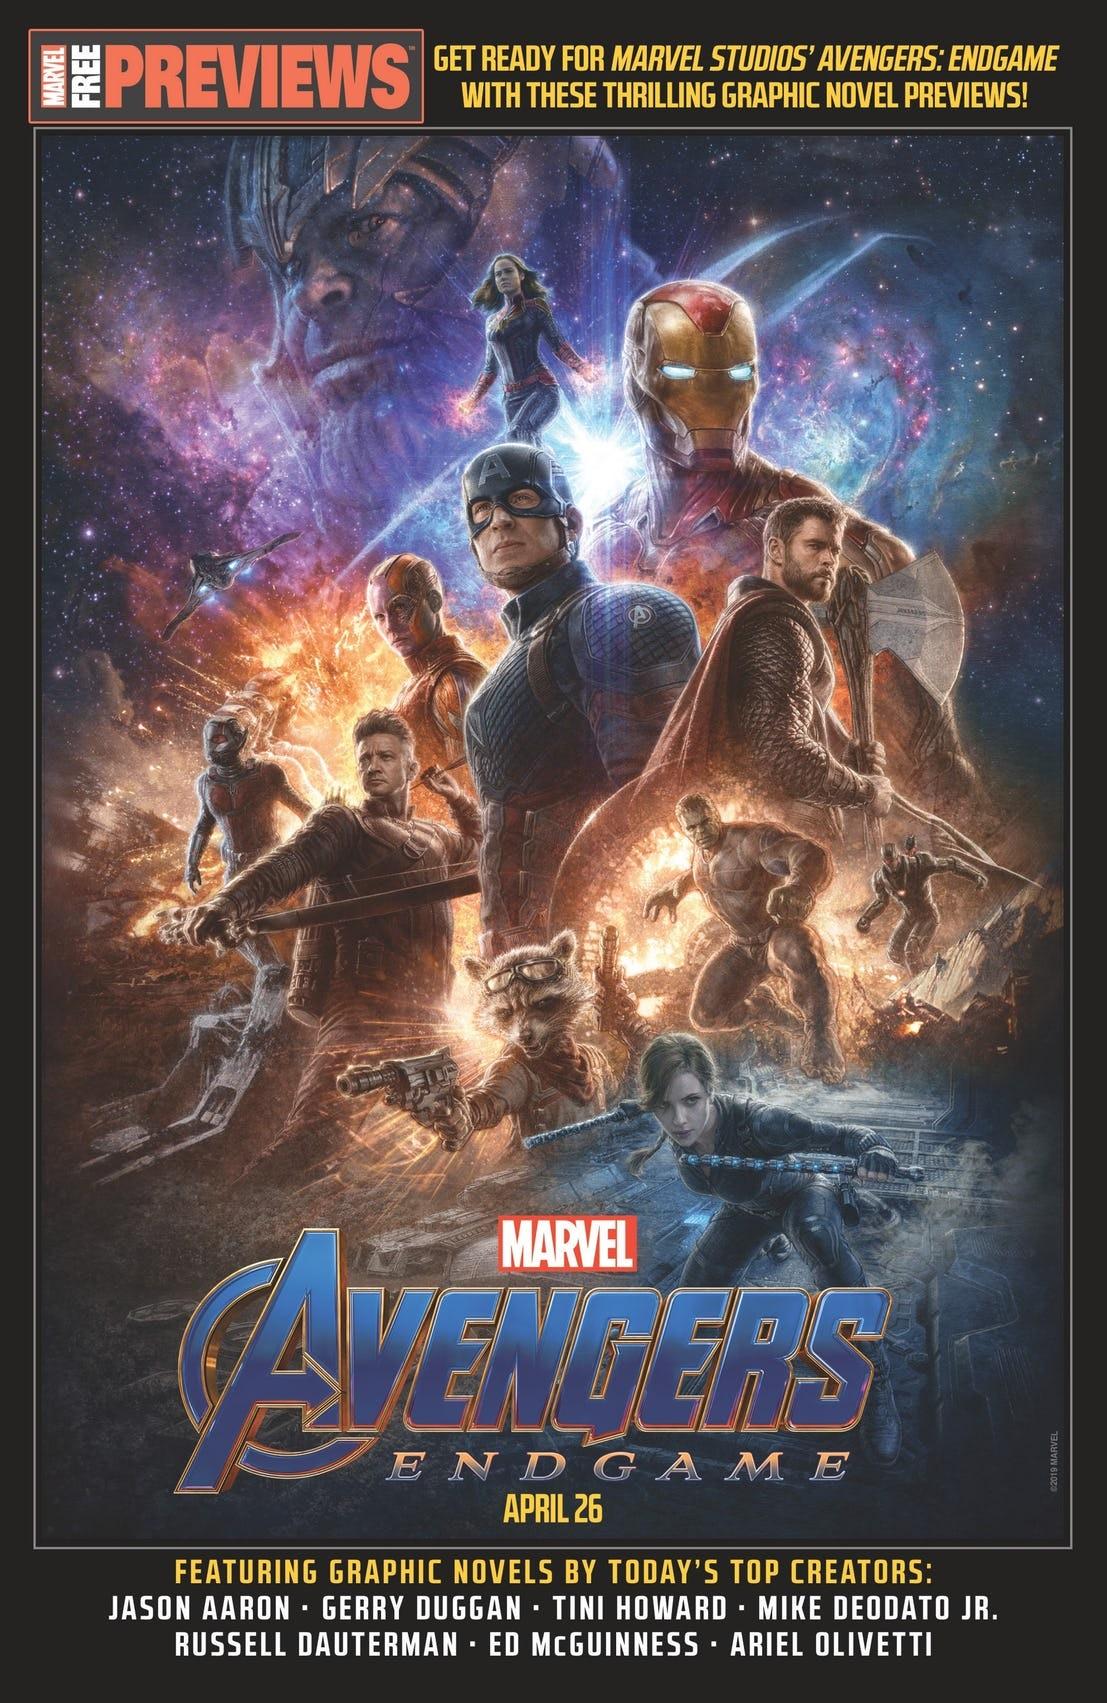 Endgame cover for Marvel's Previews magazine